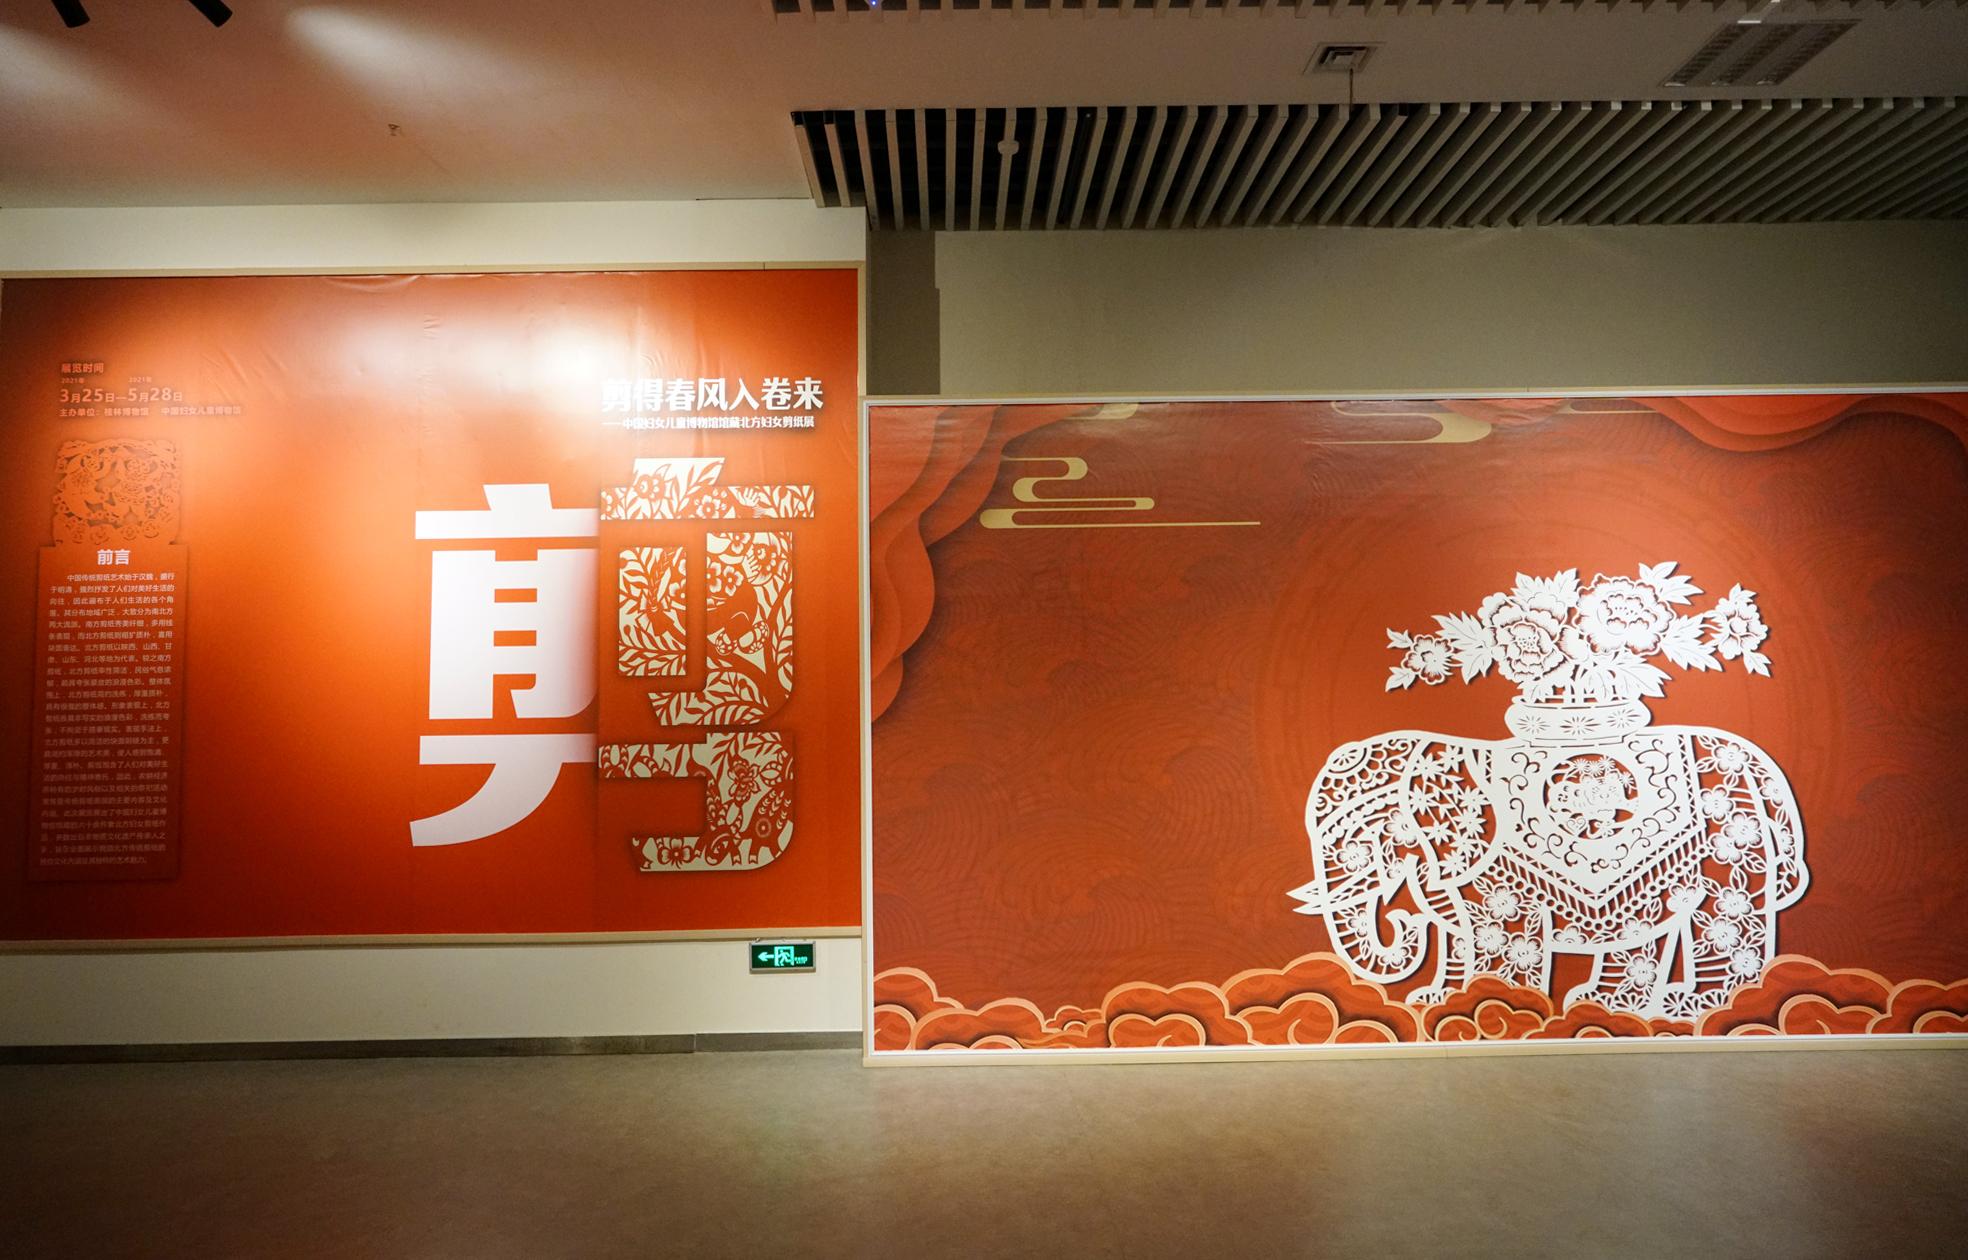 剪得春风入卷来——中国妇女儿童博物馆馆藏北方妇女剪纸展.jpg